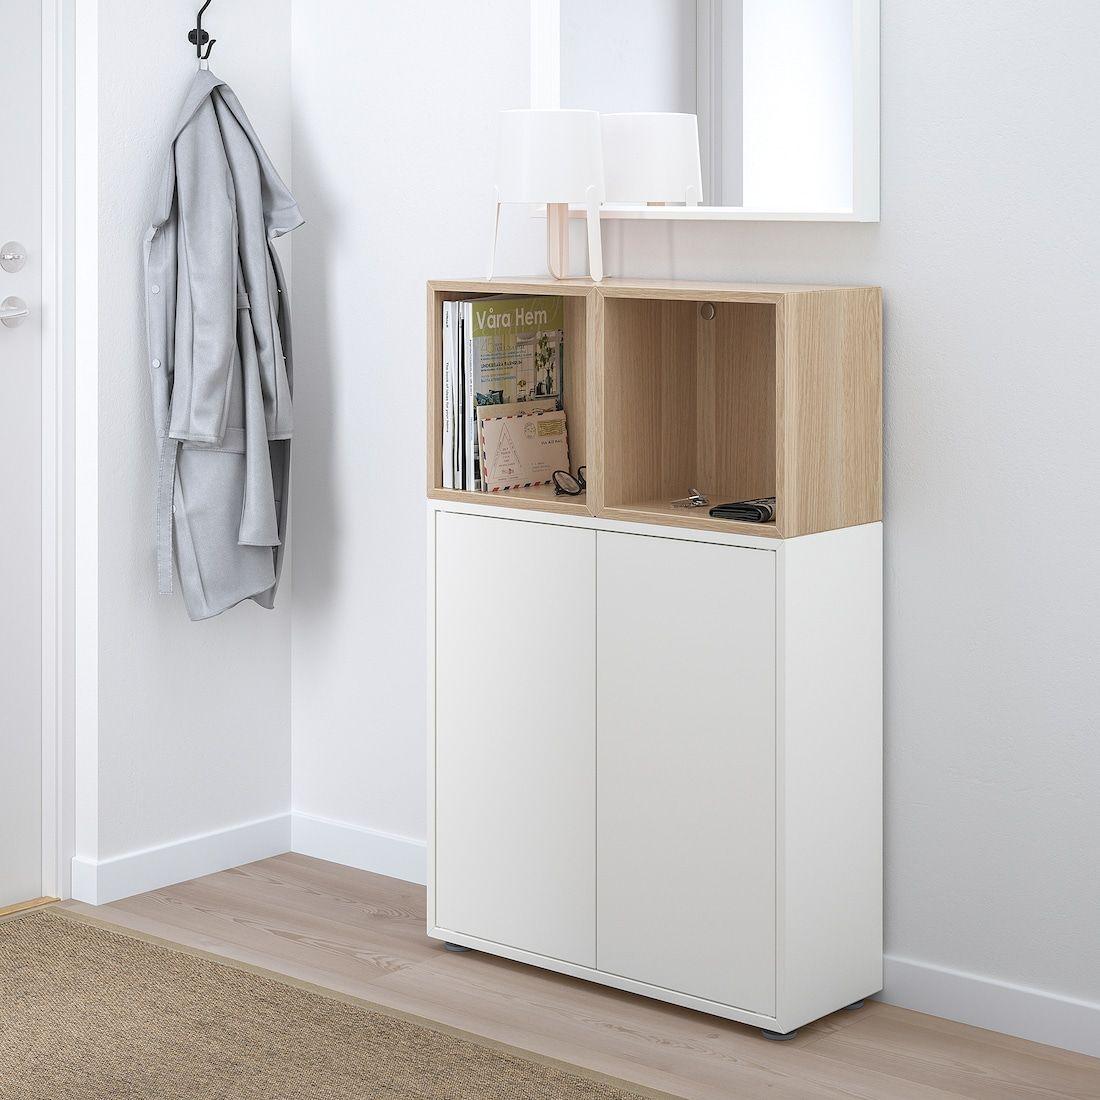 Eket Storage Combination With Feet White White Stained Oak Effect Width 27 Ikea In 2020 Eket Ikea Eket Ikea